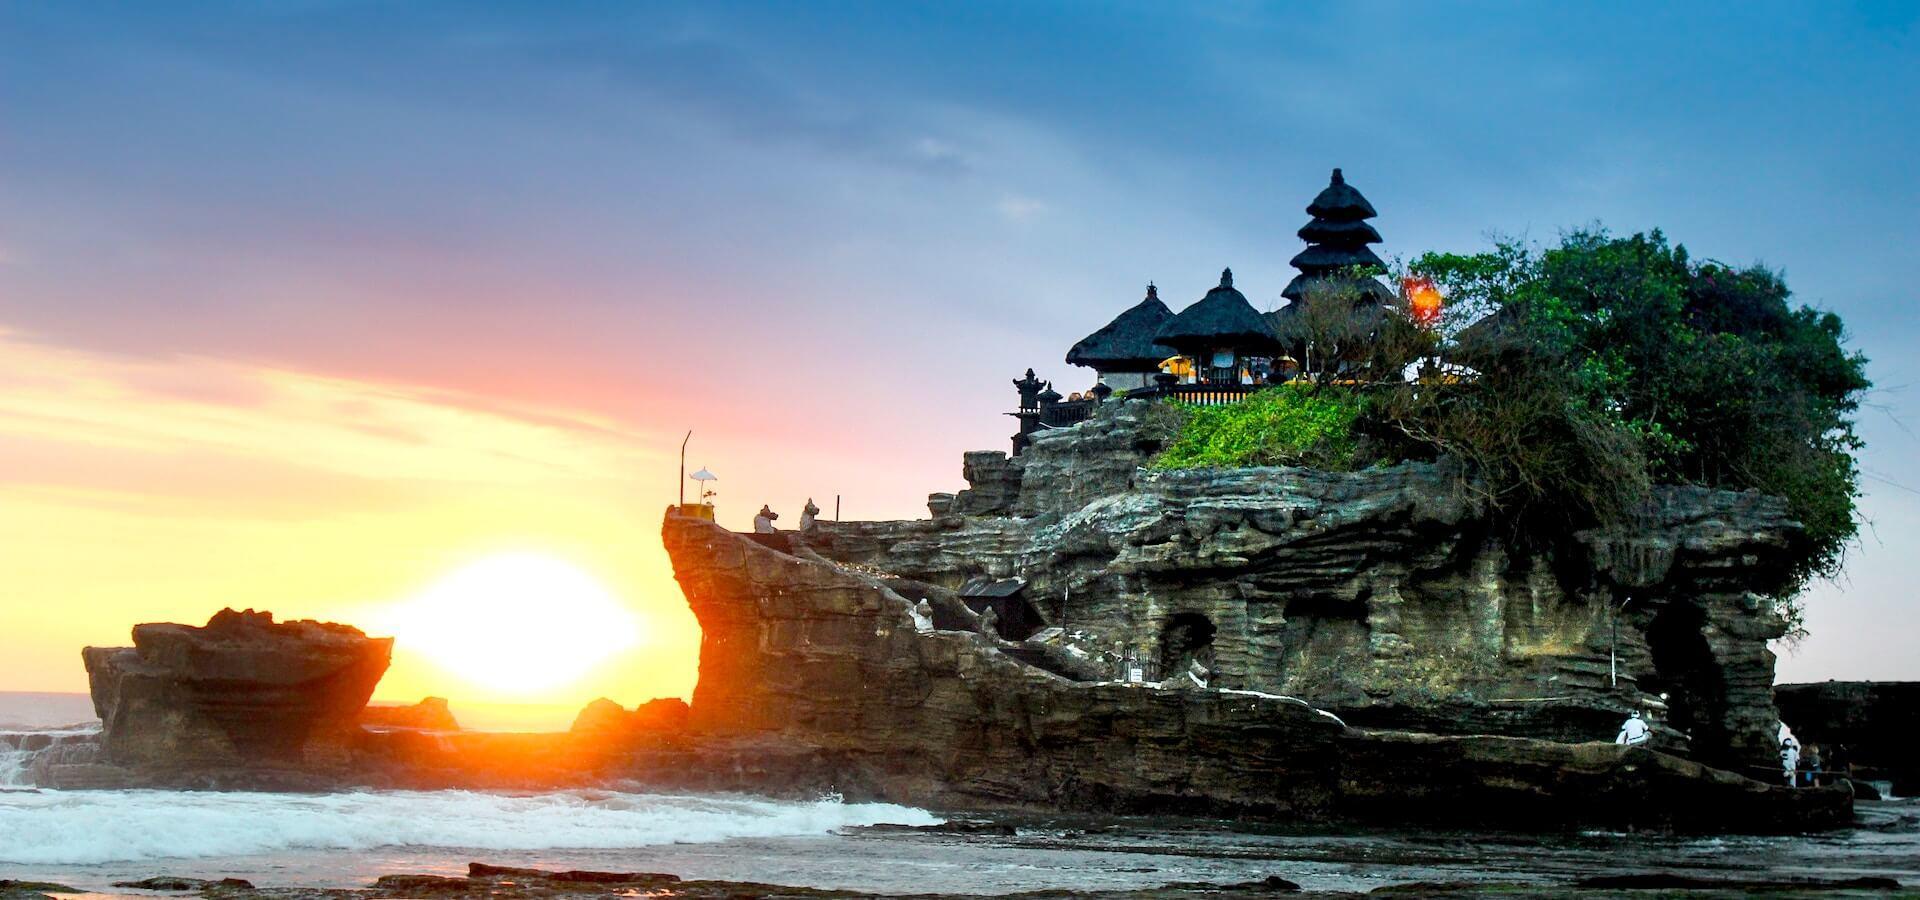 Günstige Flüge nach Bali finden